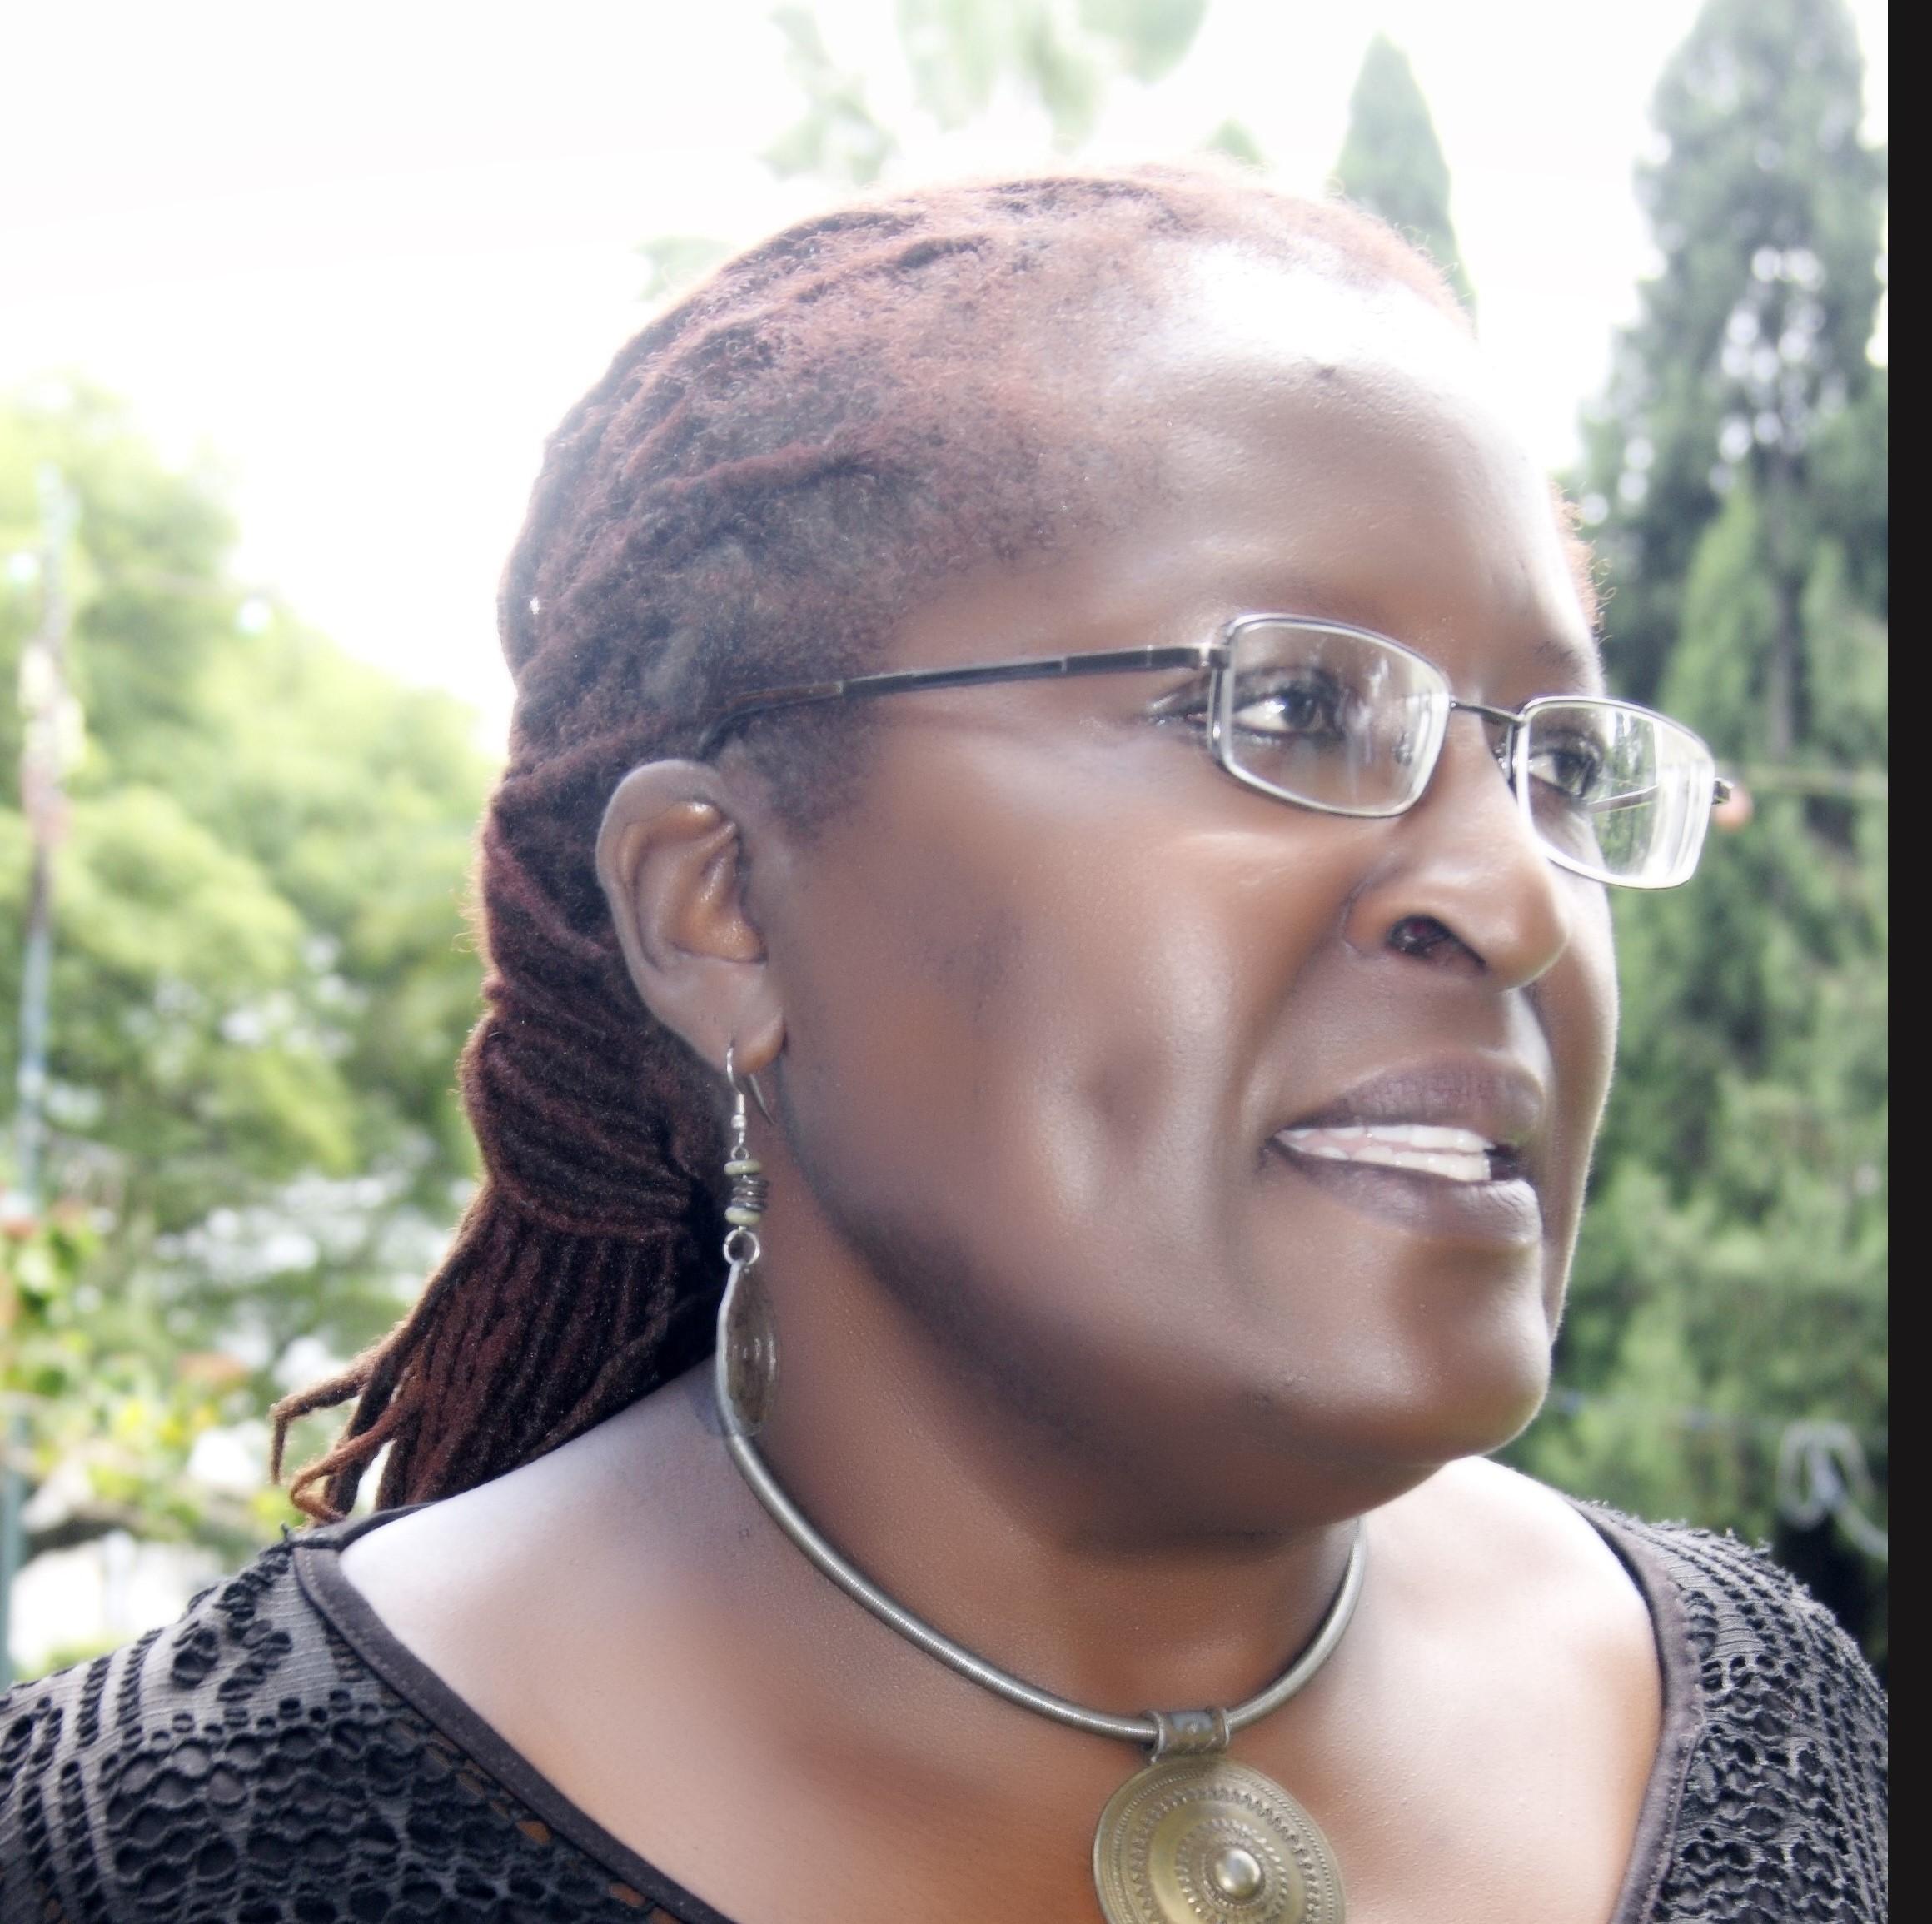 Ms Siyachitema